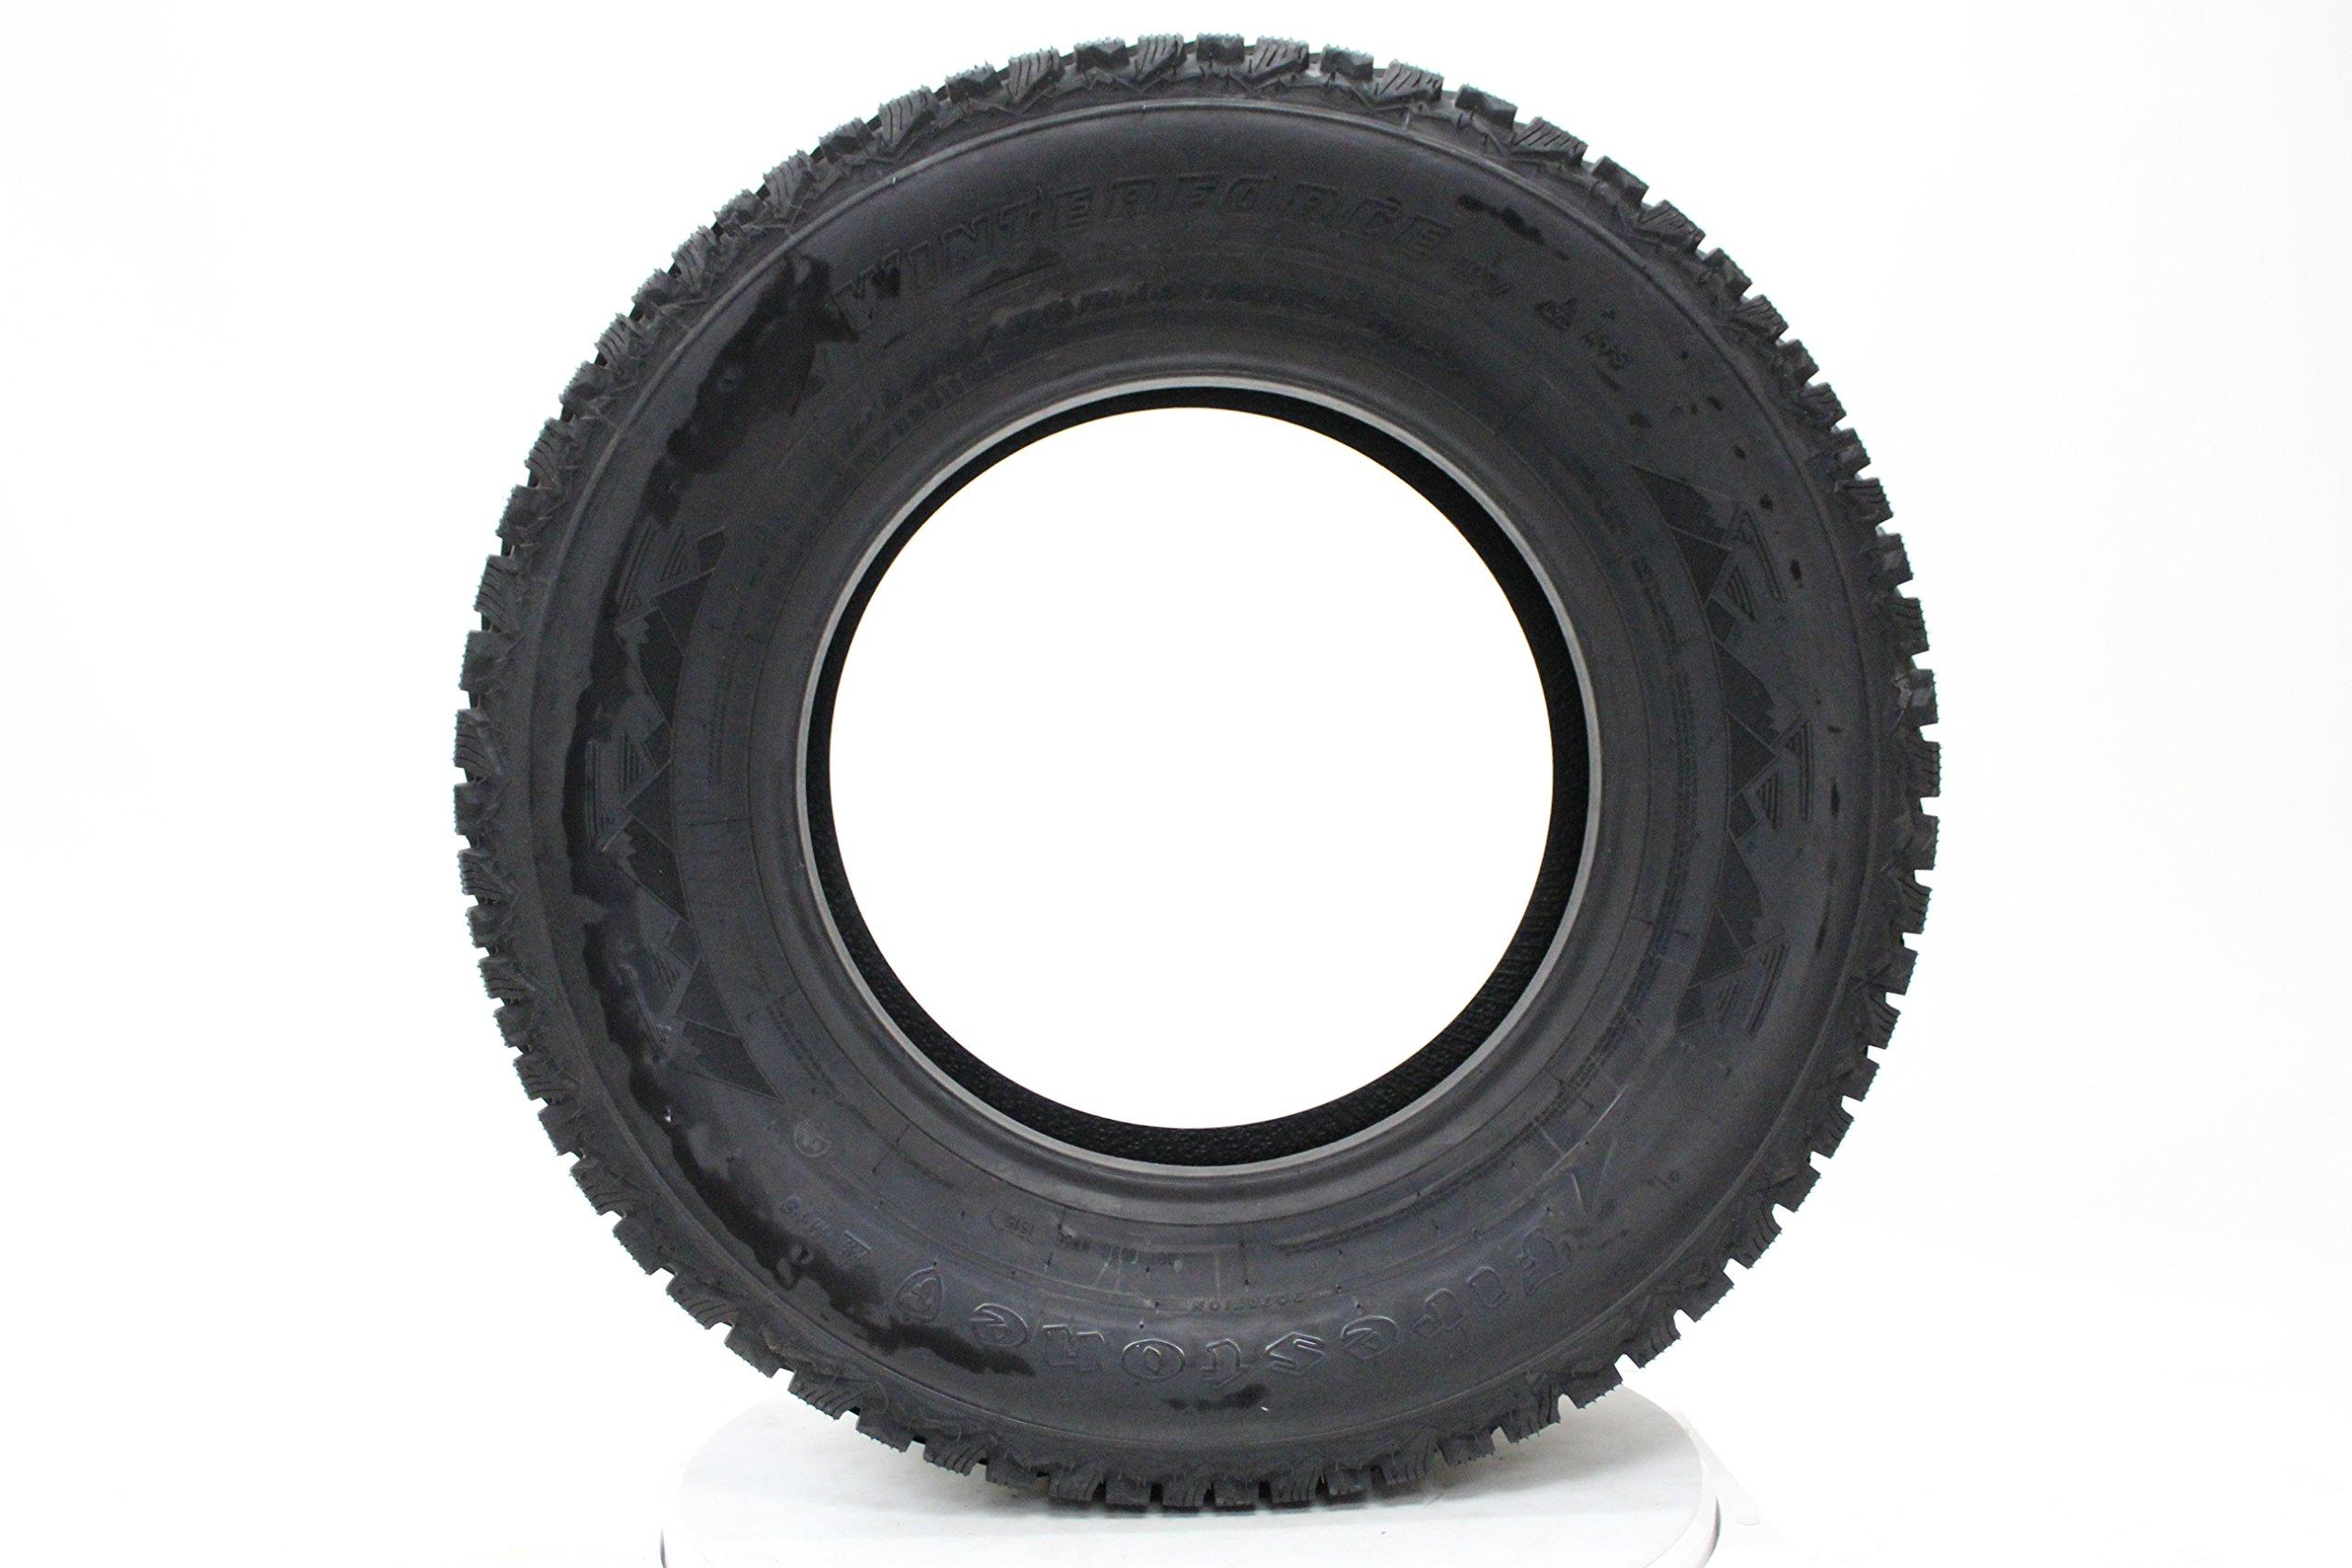 Firestone Winterforce UV Winter Radial Tire - 225/70R15 100S by Firestone (Image #2)